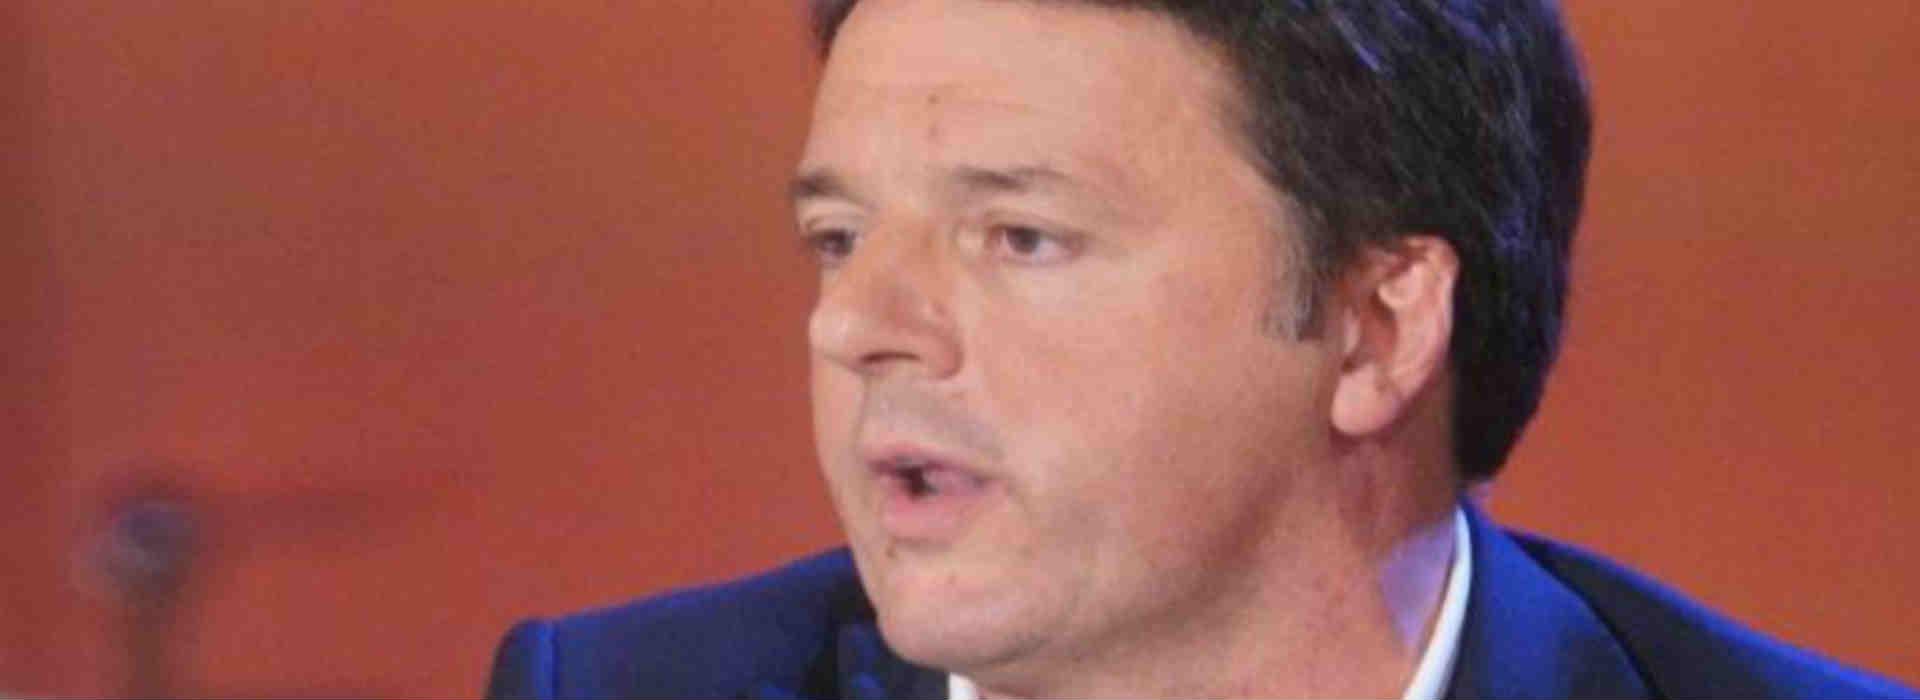 """Fondazione Open, Renzi a testa bassa contro i pm: """"È intimidazione"""""""